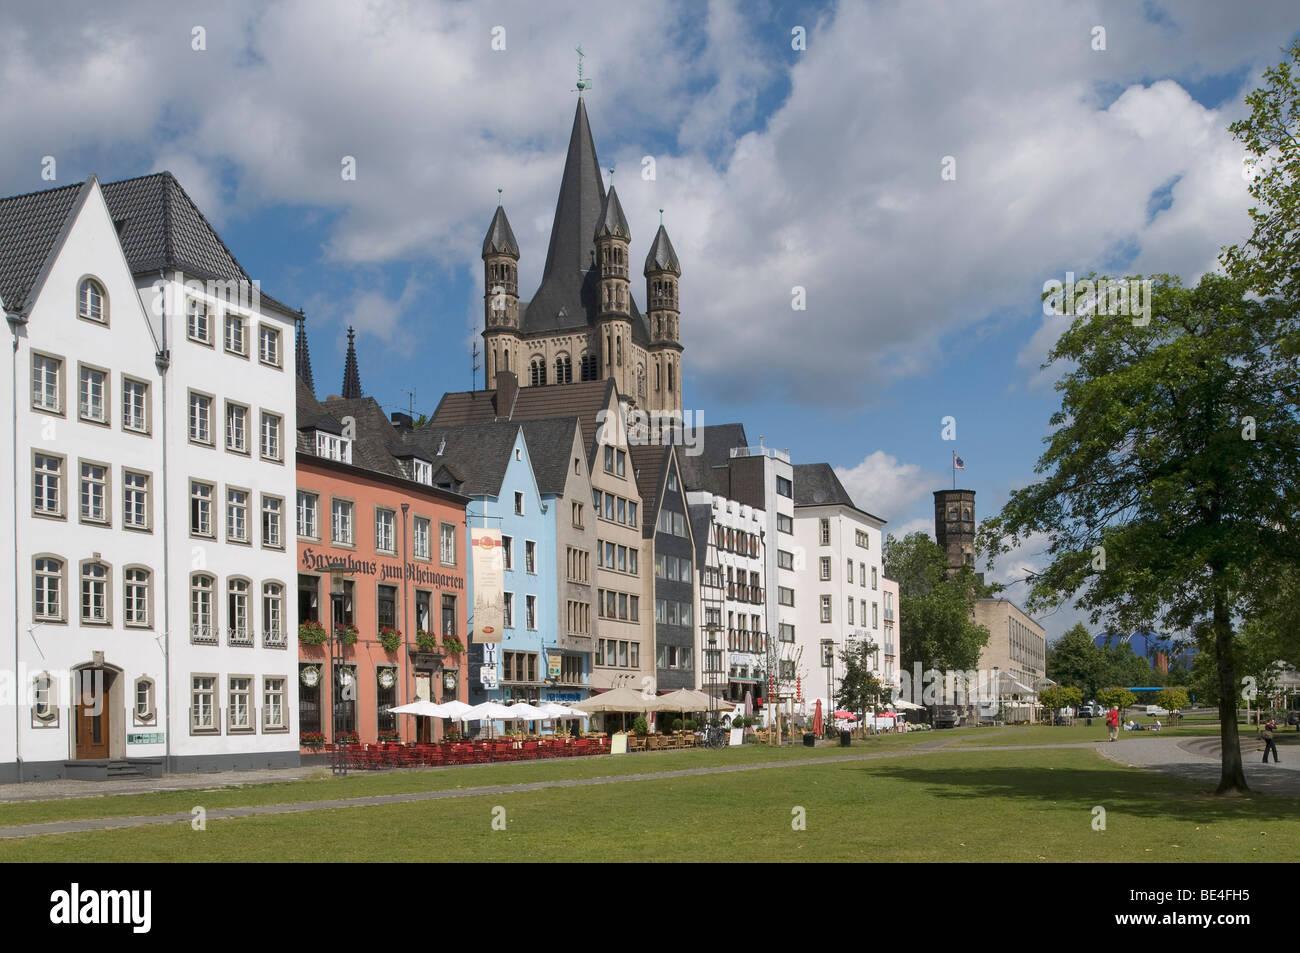 Häuserzeile an der Frankenwerft, St.-Martins-Kirche und der Treppenturm im Stapelhaus, Fischmarkt, historischen Stockbild